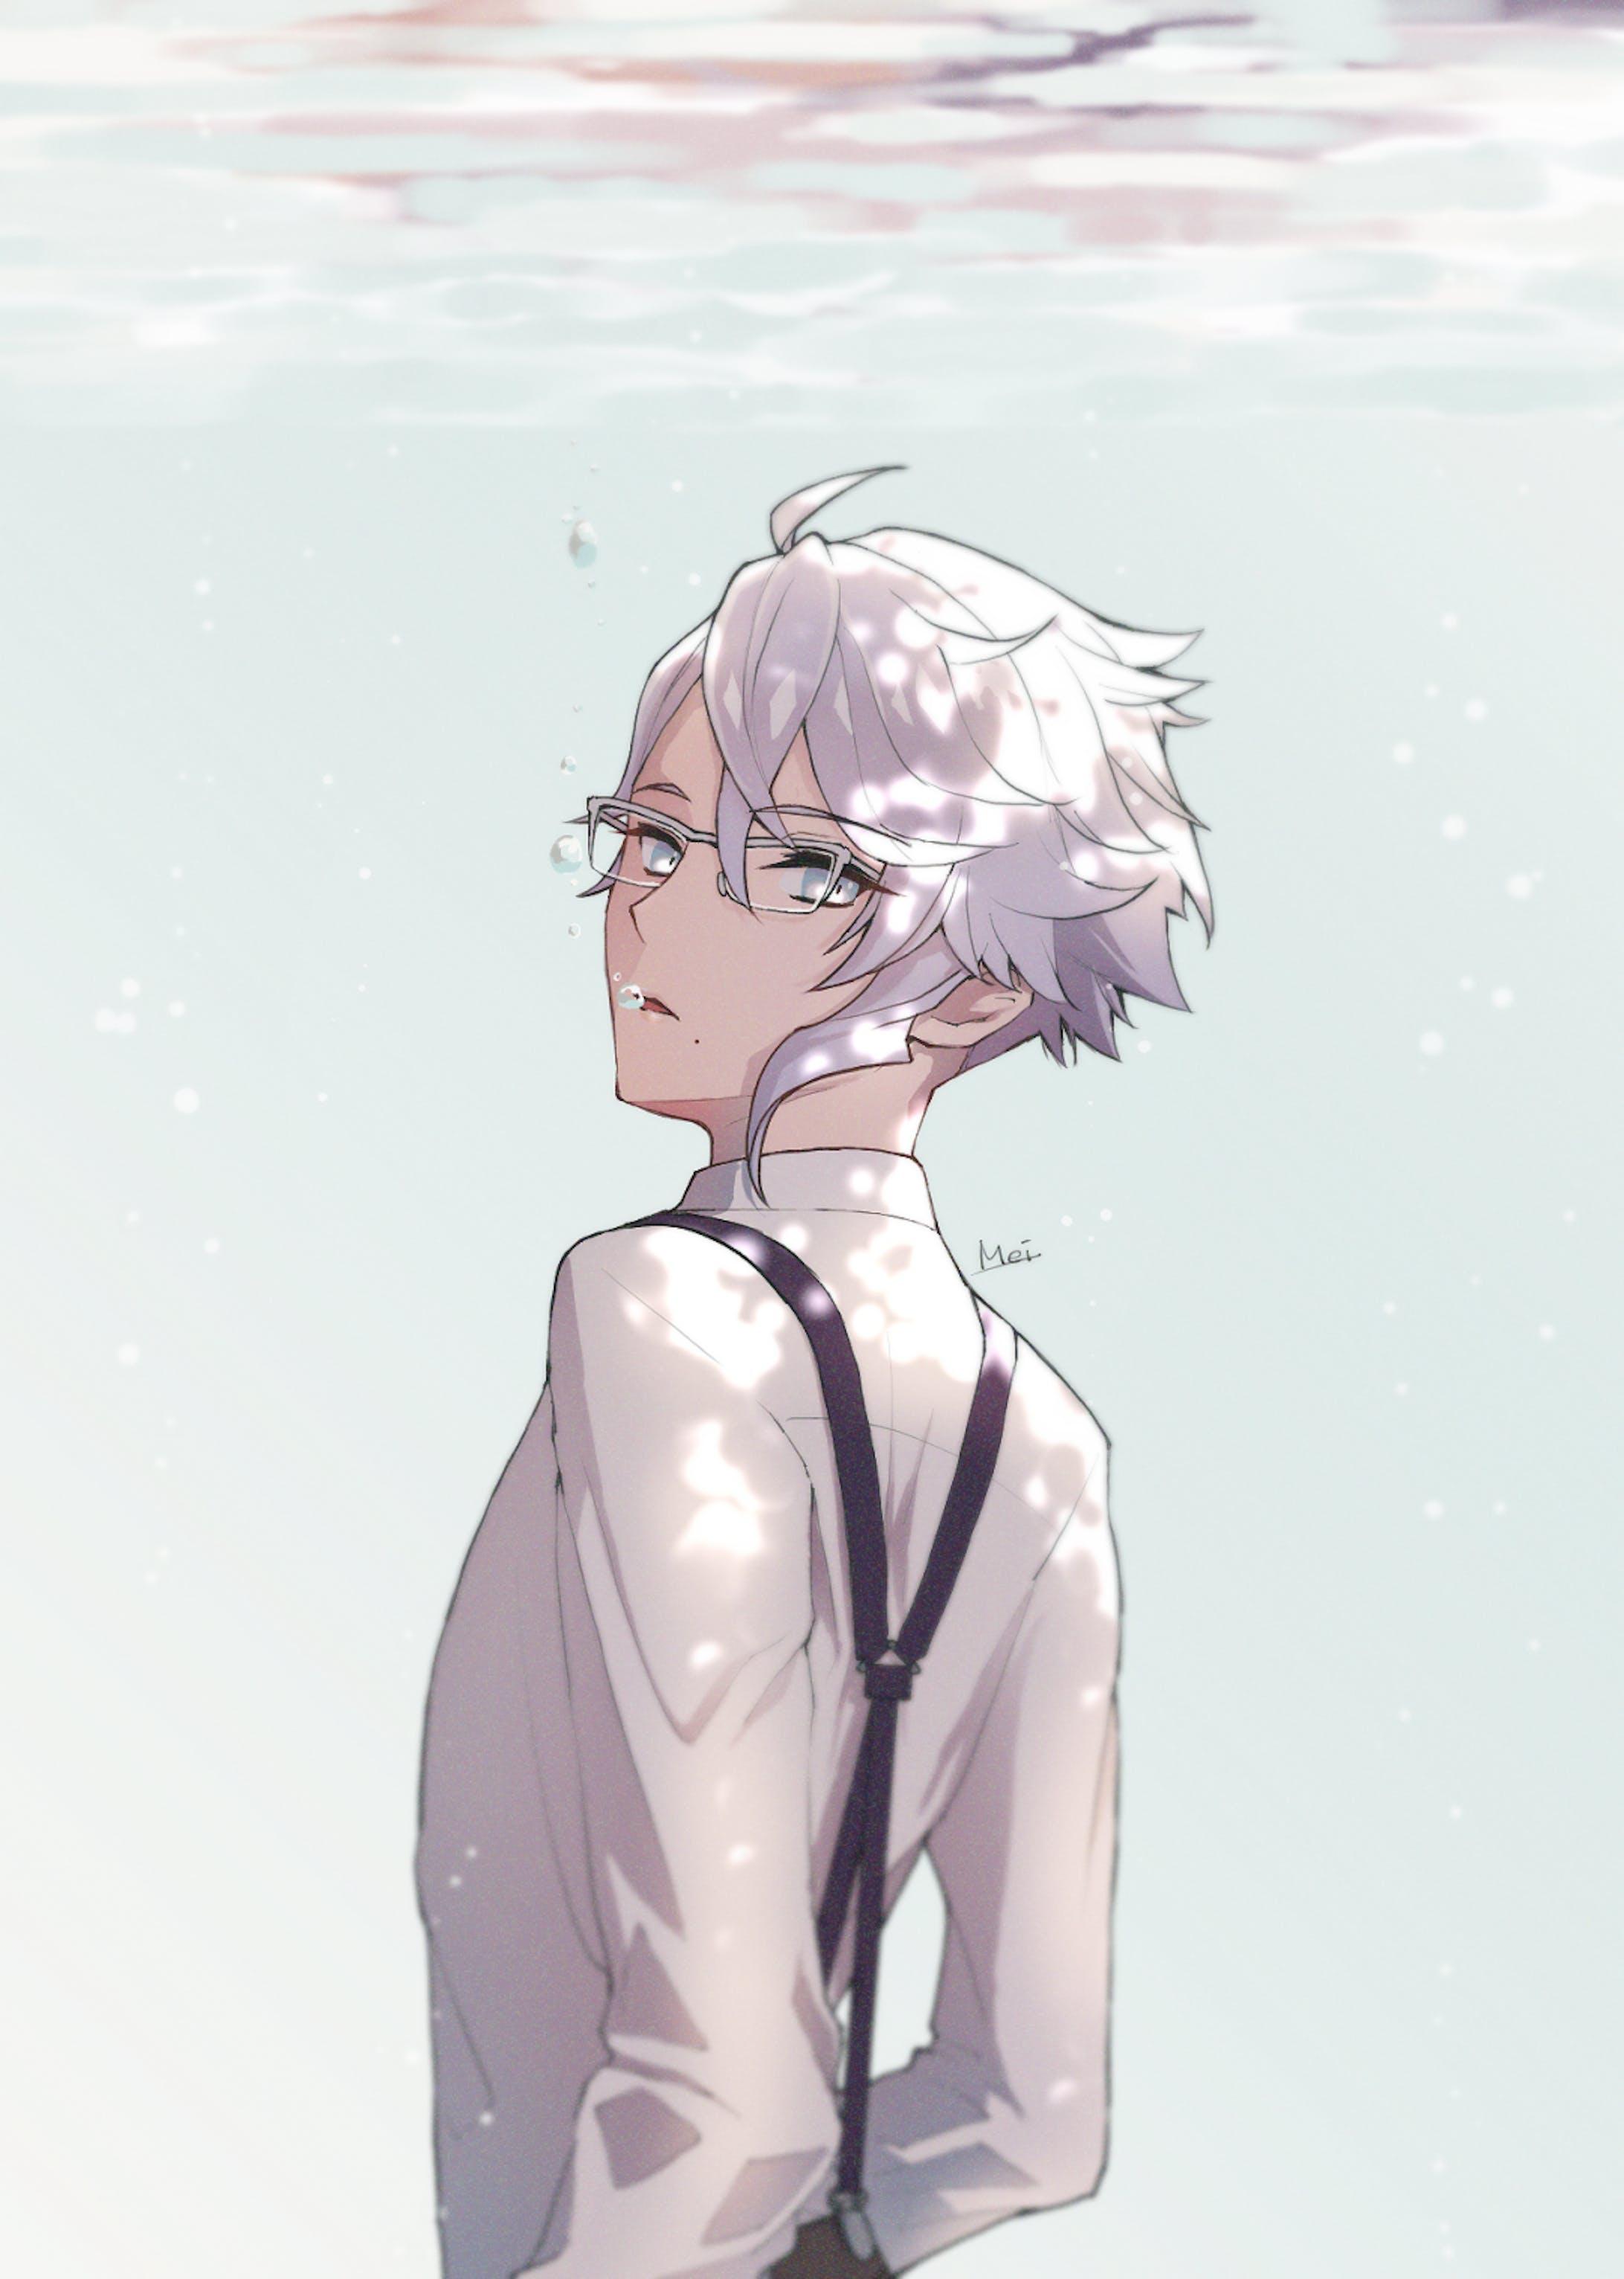 男性キャラクター全身-1